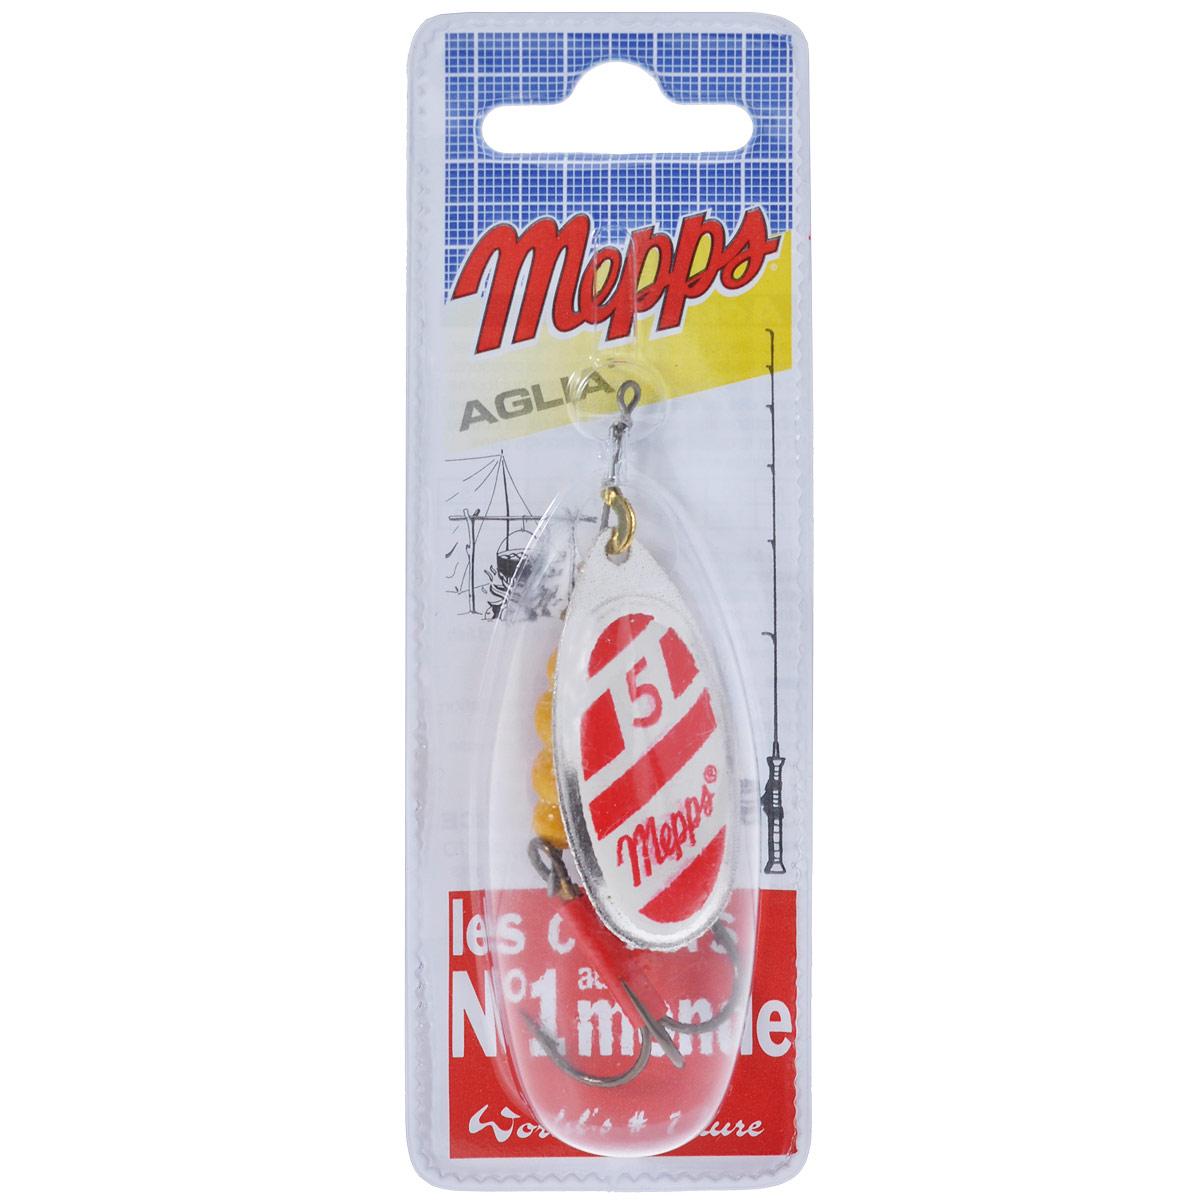 Блесна Mepps Aglia Blanc Rouge AG, вращающаяся, №5, 13 г34962Вращающая блесна Mepps Aglia Blanc Rouge AG - одна из первых блесен французского производства. При вращении угол отклонения лепестка от оси составляет 60°. Блесна в основном предназначена для водоемов со слабым течением, или «стоячей» водой. Благодаря своей превосходно выверенной механике, она начинает послушно вращаться, лишь только коснется воды. Конус вращения адаптируется к силе течения, что позволяет ей создавать вибрации, наиболее привлекательные для хищников. Обладает устойчиво-ровным движением (поведением) в воде - при различных способах и скоростях проводки. Блесна Mepps AGLIA - очень популярная классическая модель. Рекомендуется при ловле форели, окуня, голавля, жереха, язя, как крупных, так и меньшего размера.